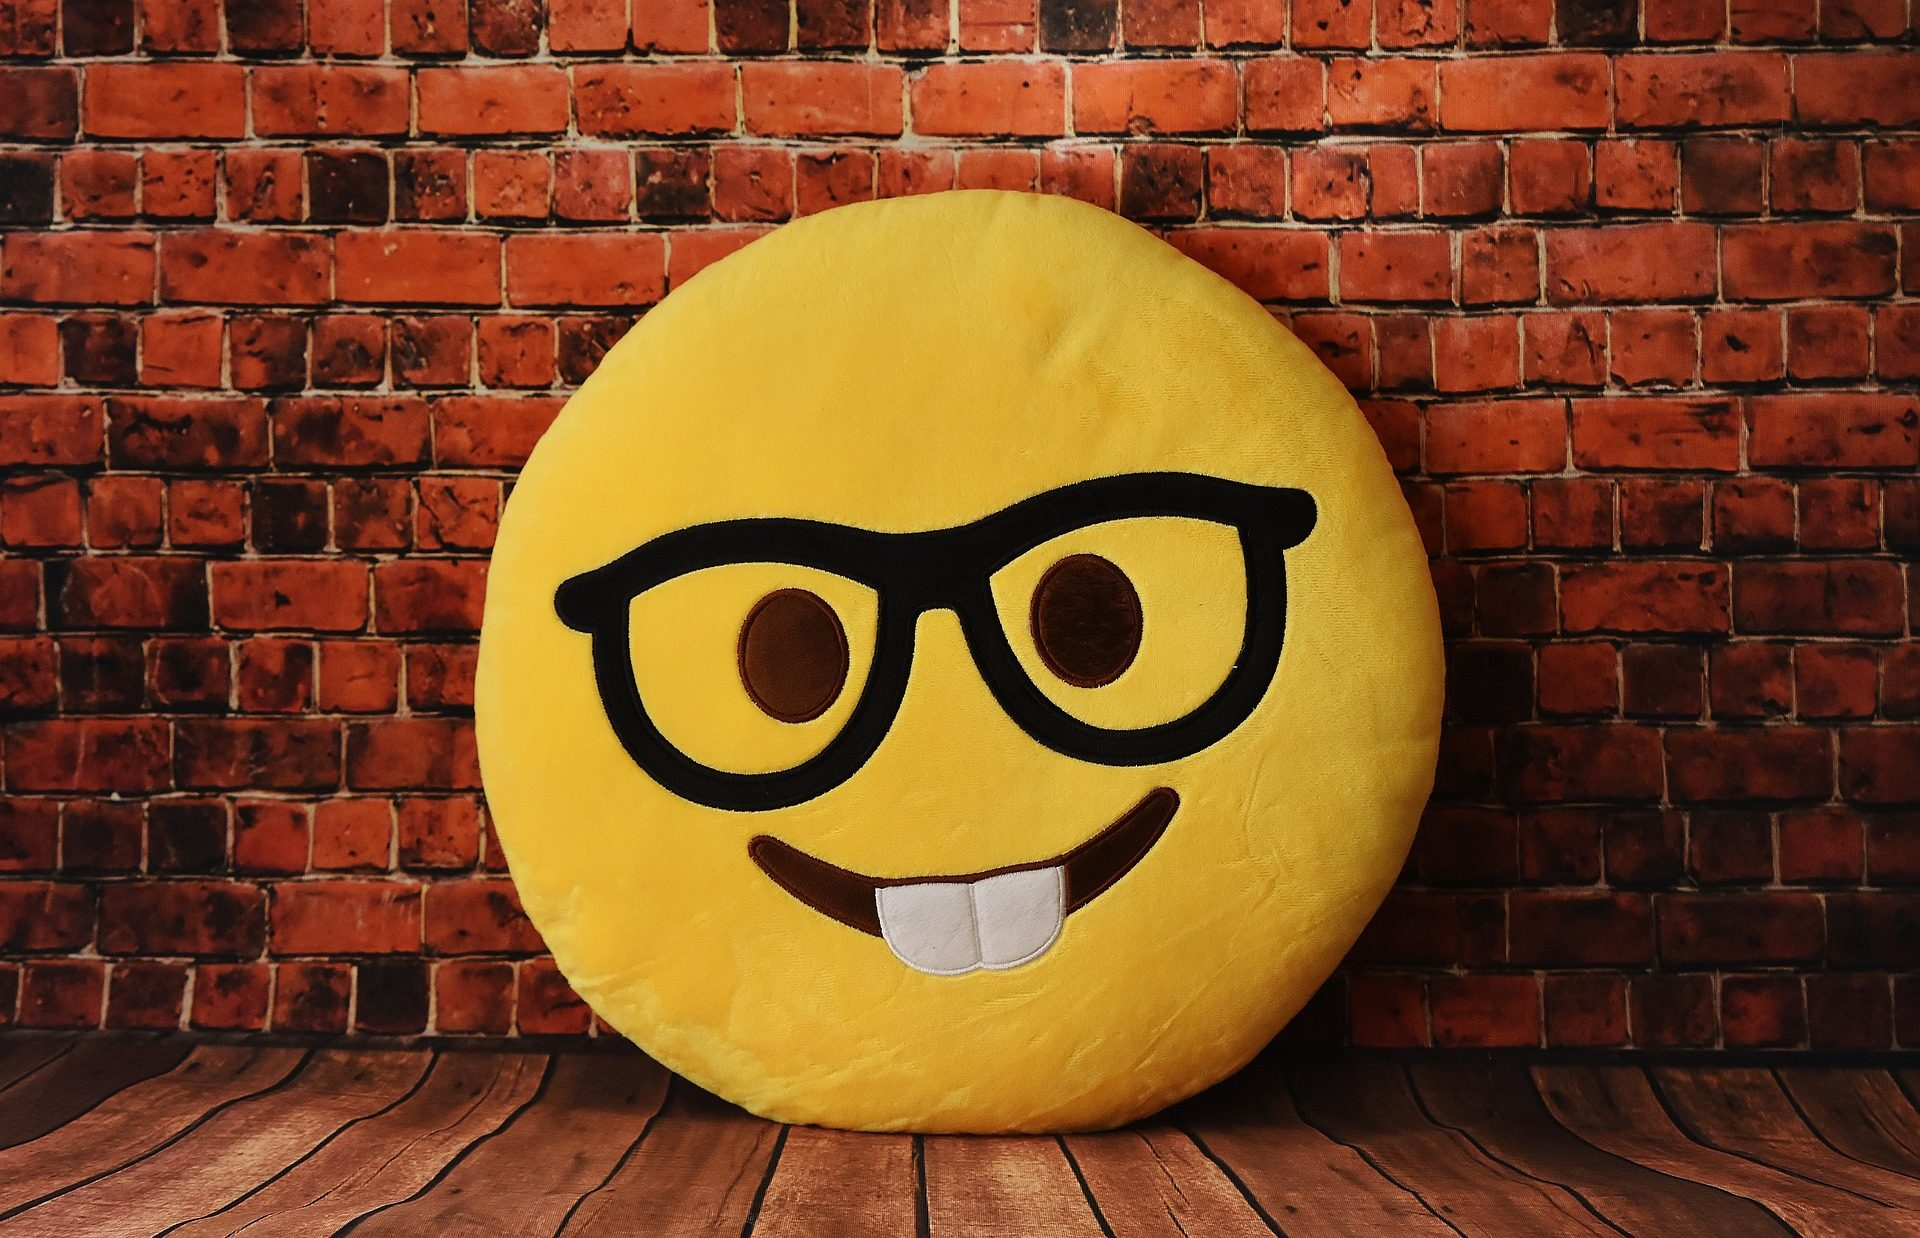 14 СМС от людей, которые живут в трех стихиях: сарказм, юмор и остроумие